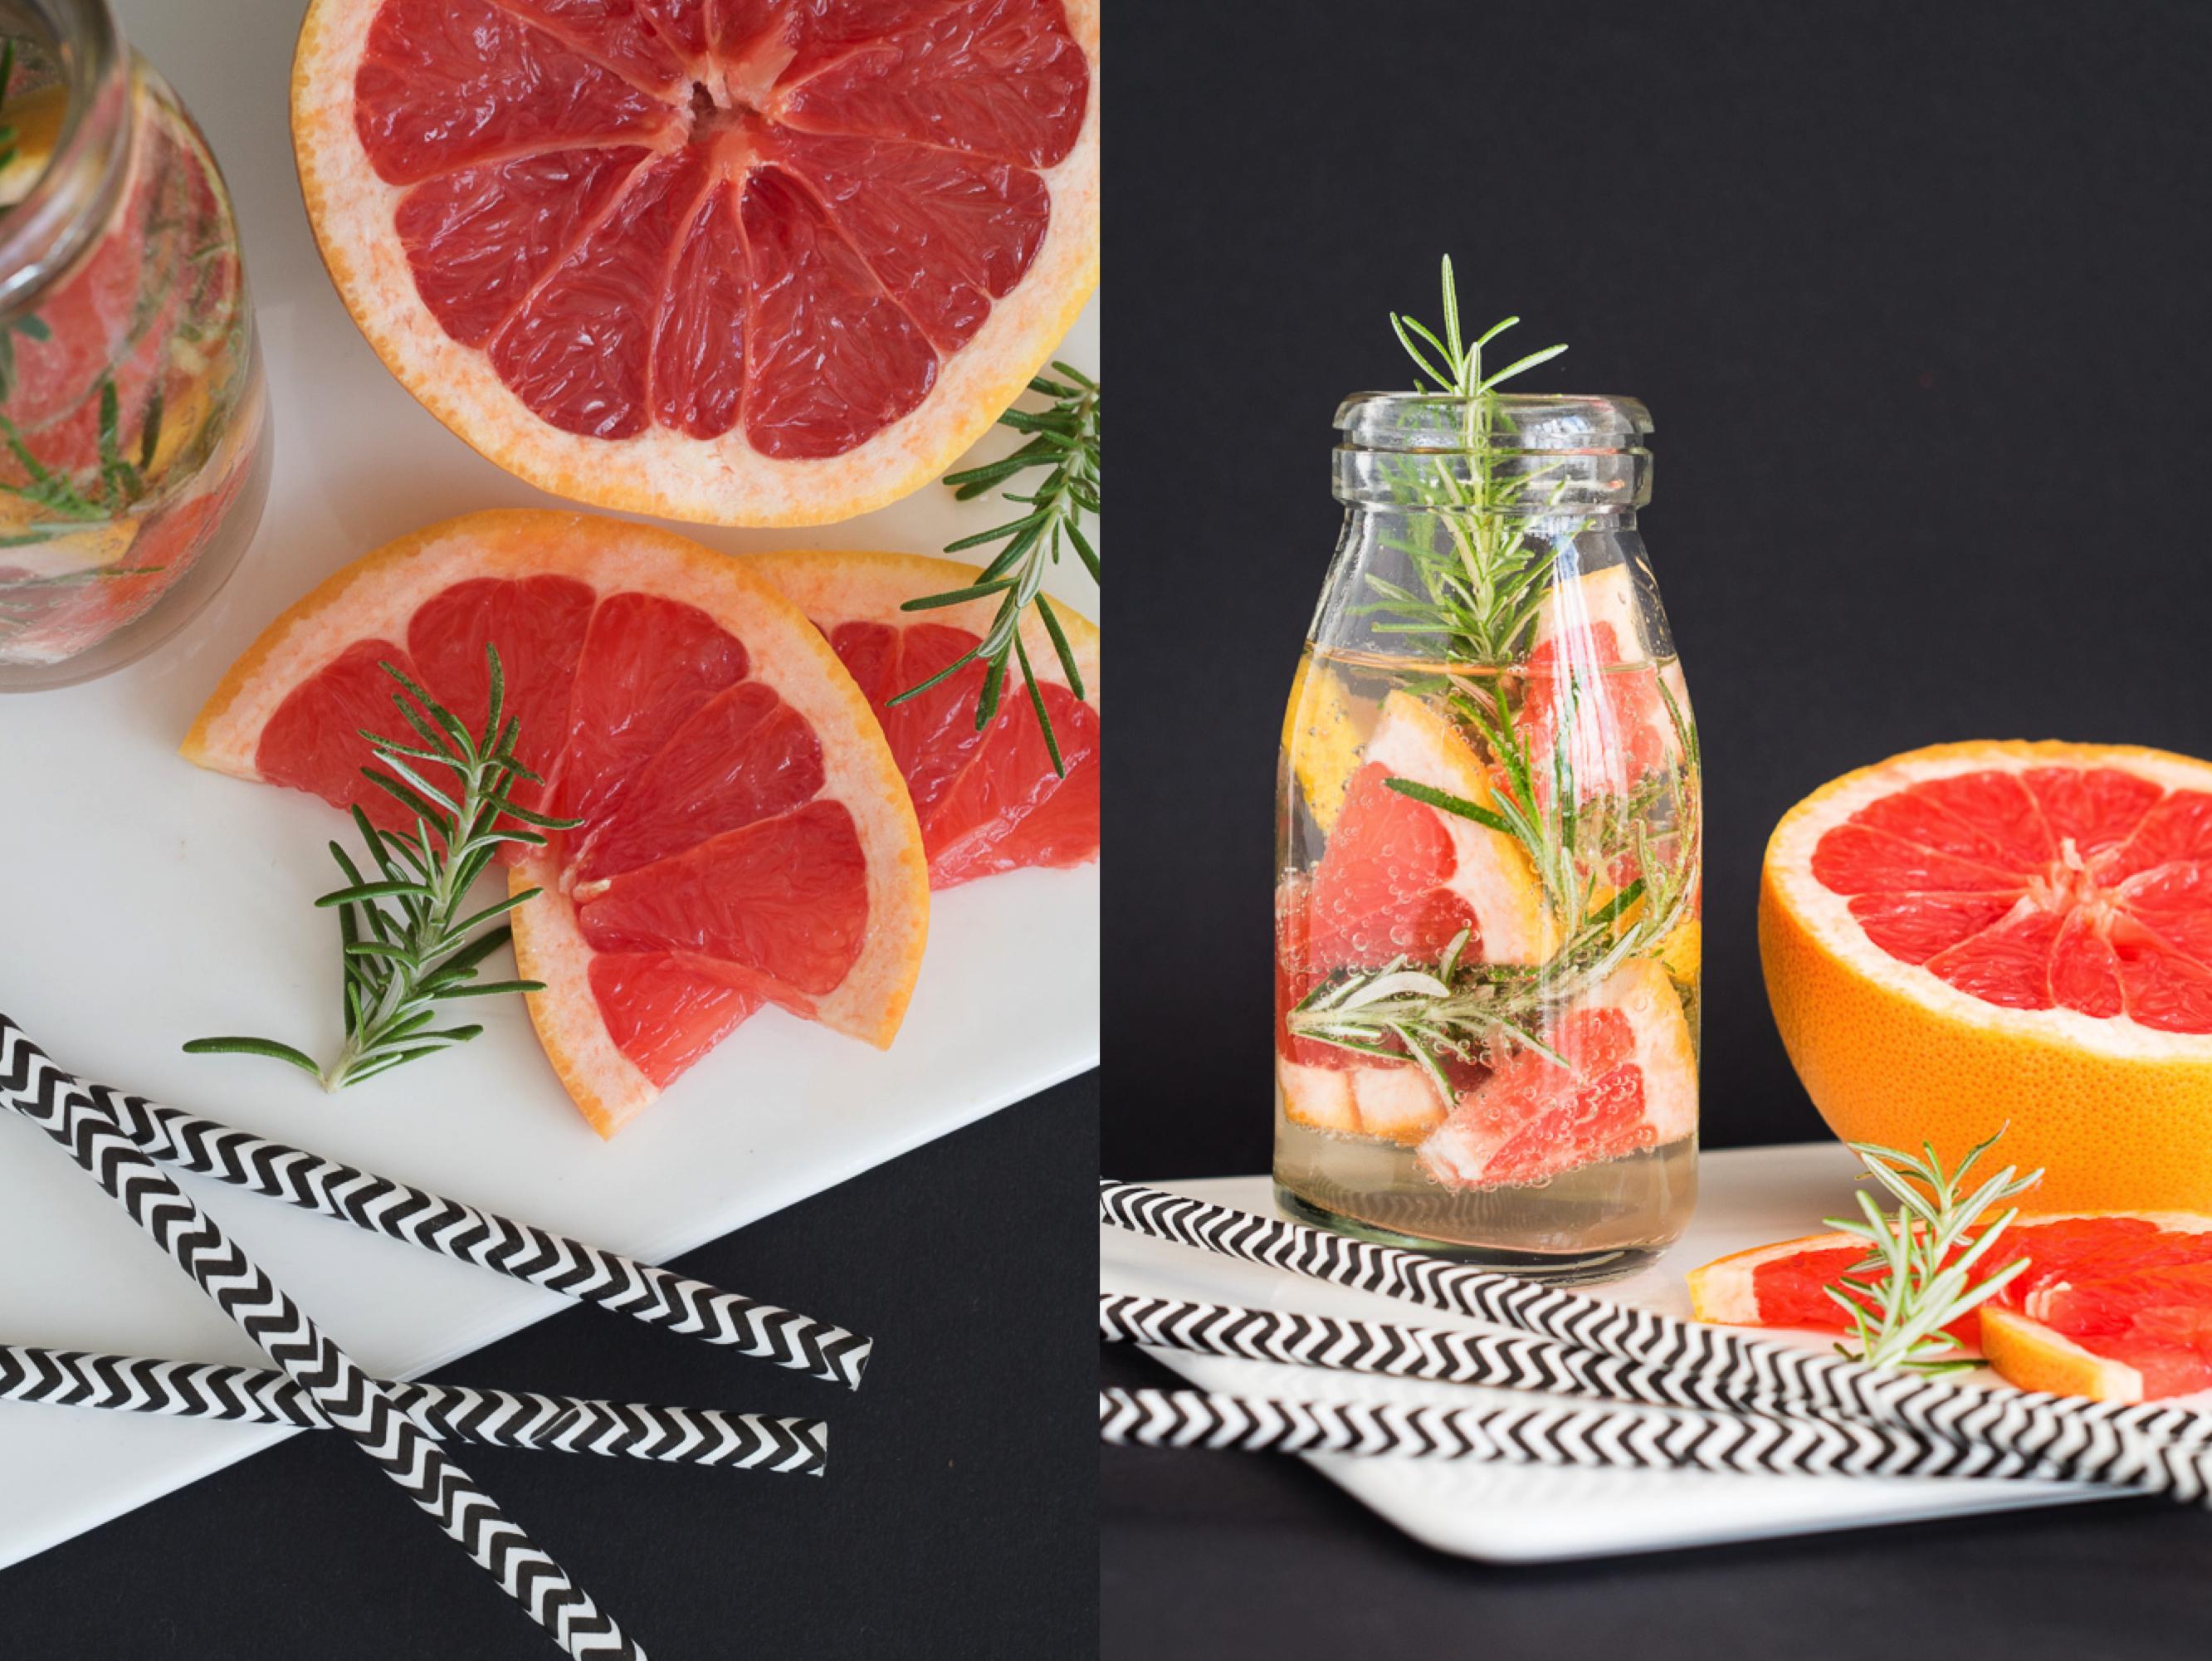 Wasser, Wasser, Wasser - Drei infused water Rezepte mit Früchten und Kräutern_IX